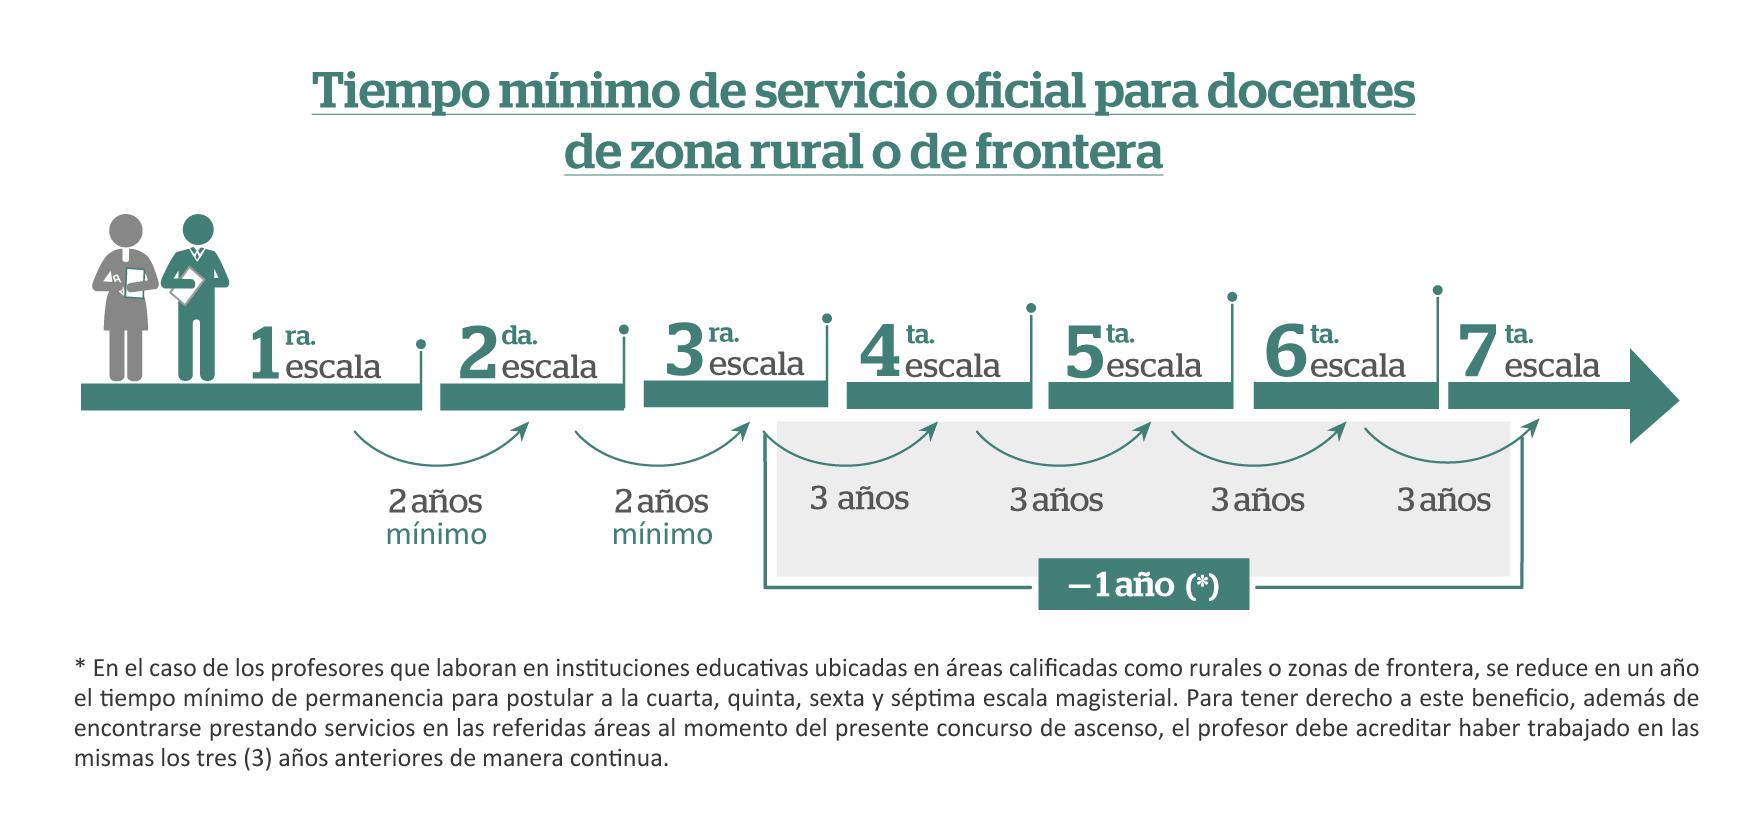 Tiempo mínimo de servicio para ascenso de escala magisterial (Zona rural 01)